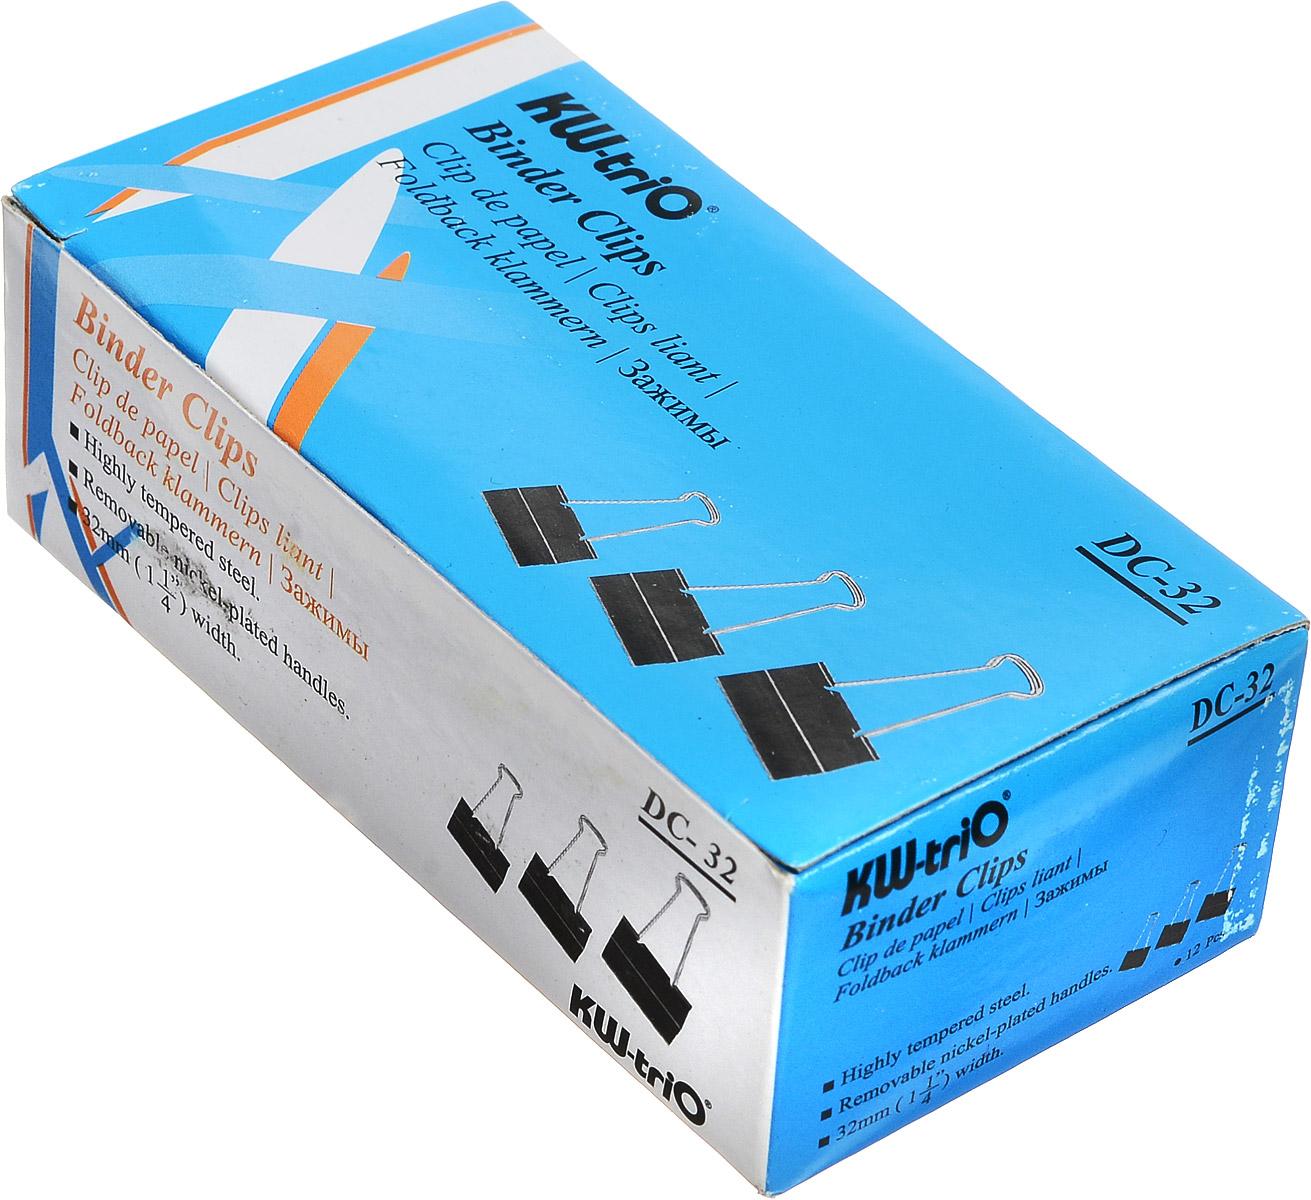 KW-Тrio Зажим для бумаг цвет черный 32 мм 12 шт1078724Зажим для бумаг KW-Тrio предназначен для скрепления бумажных носителей. Зажим выполнен из металла.В упаковке 12 зажимов черного цвета. Они надежно и легко скрепляют, не деформируют бумагу, не оставляют на ней следов.